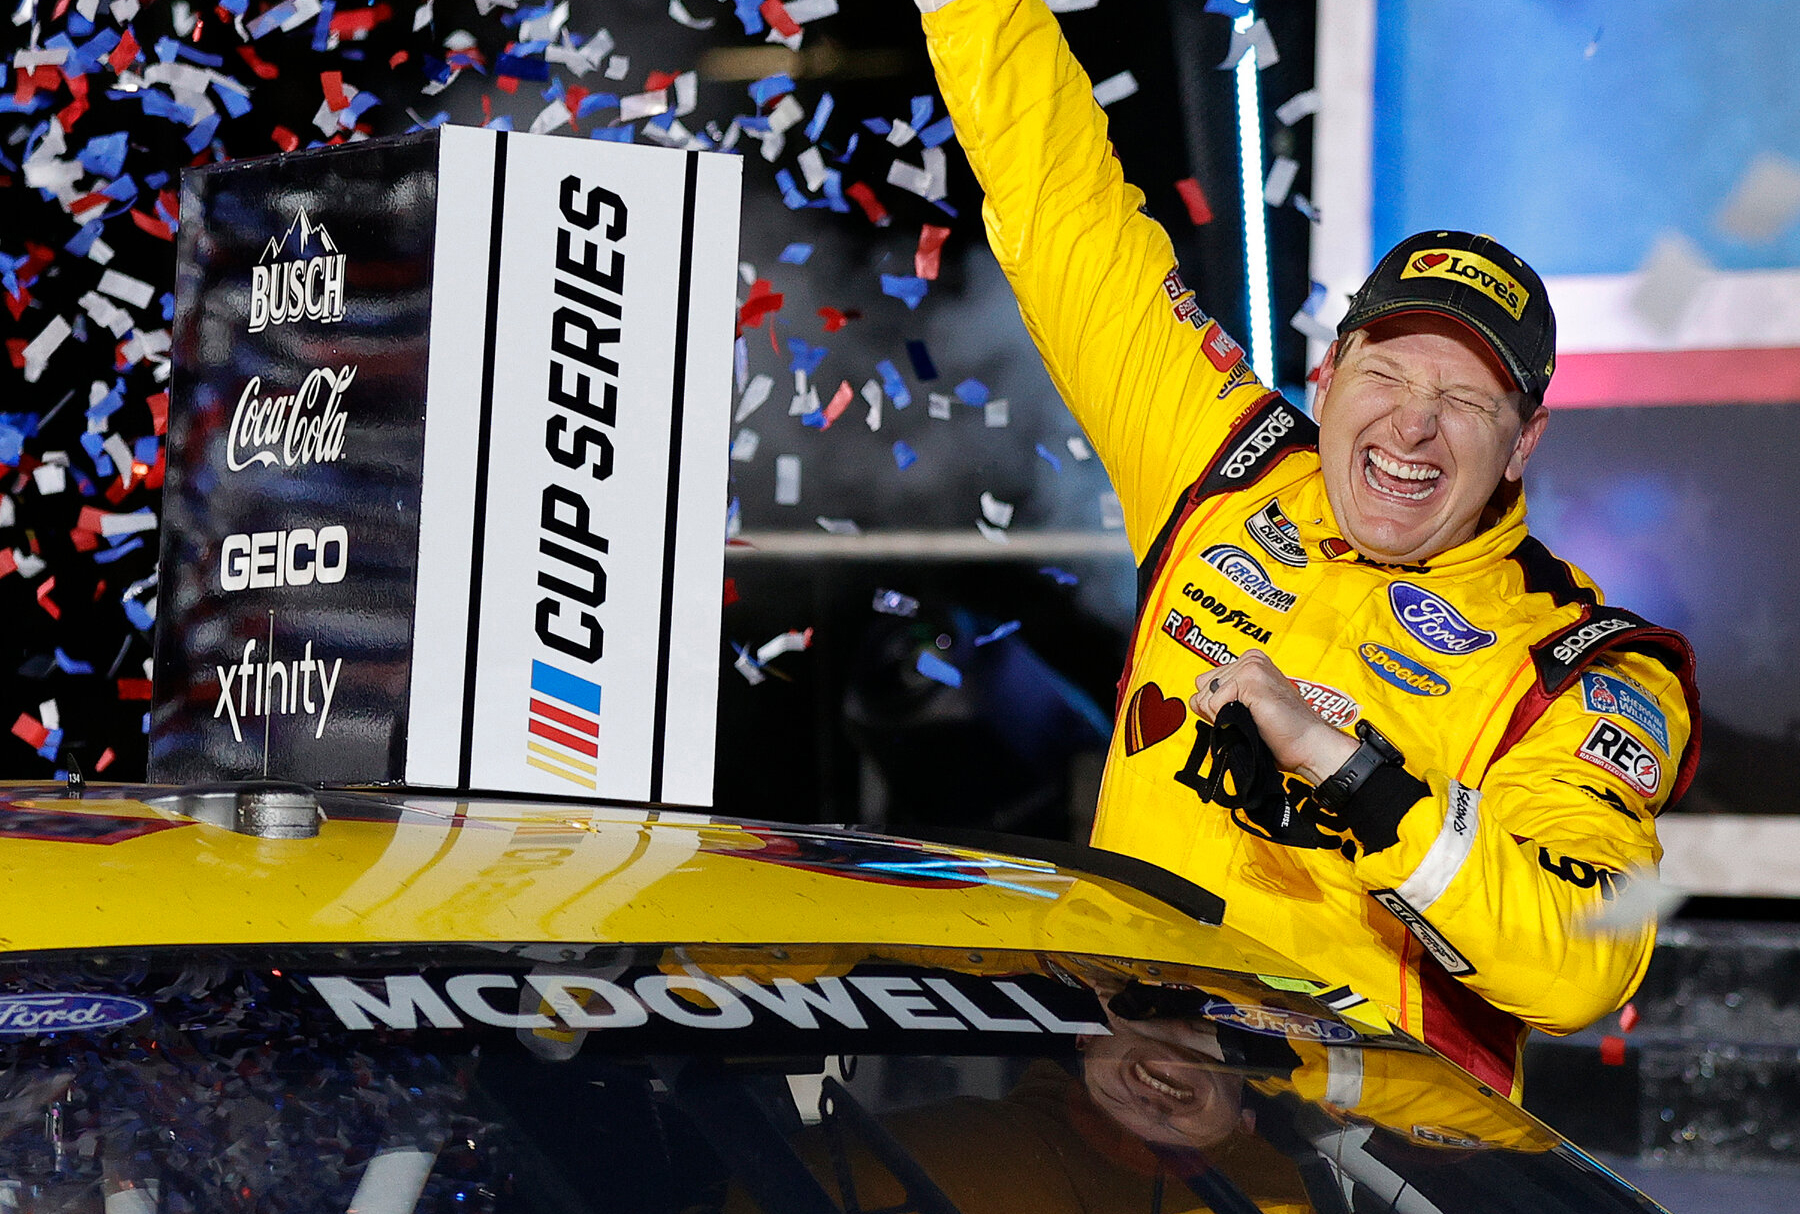 """Piloto da NASCAR diz que clamou a Deus antes de vencer corrida: """"Ele tem tudo nas mãos"""""""